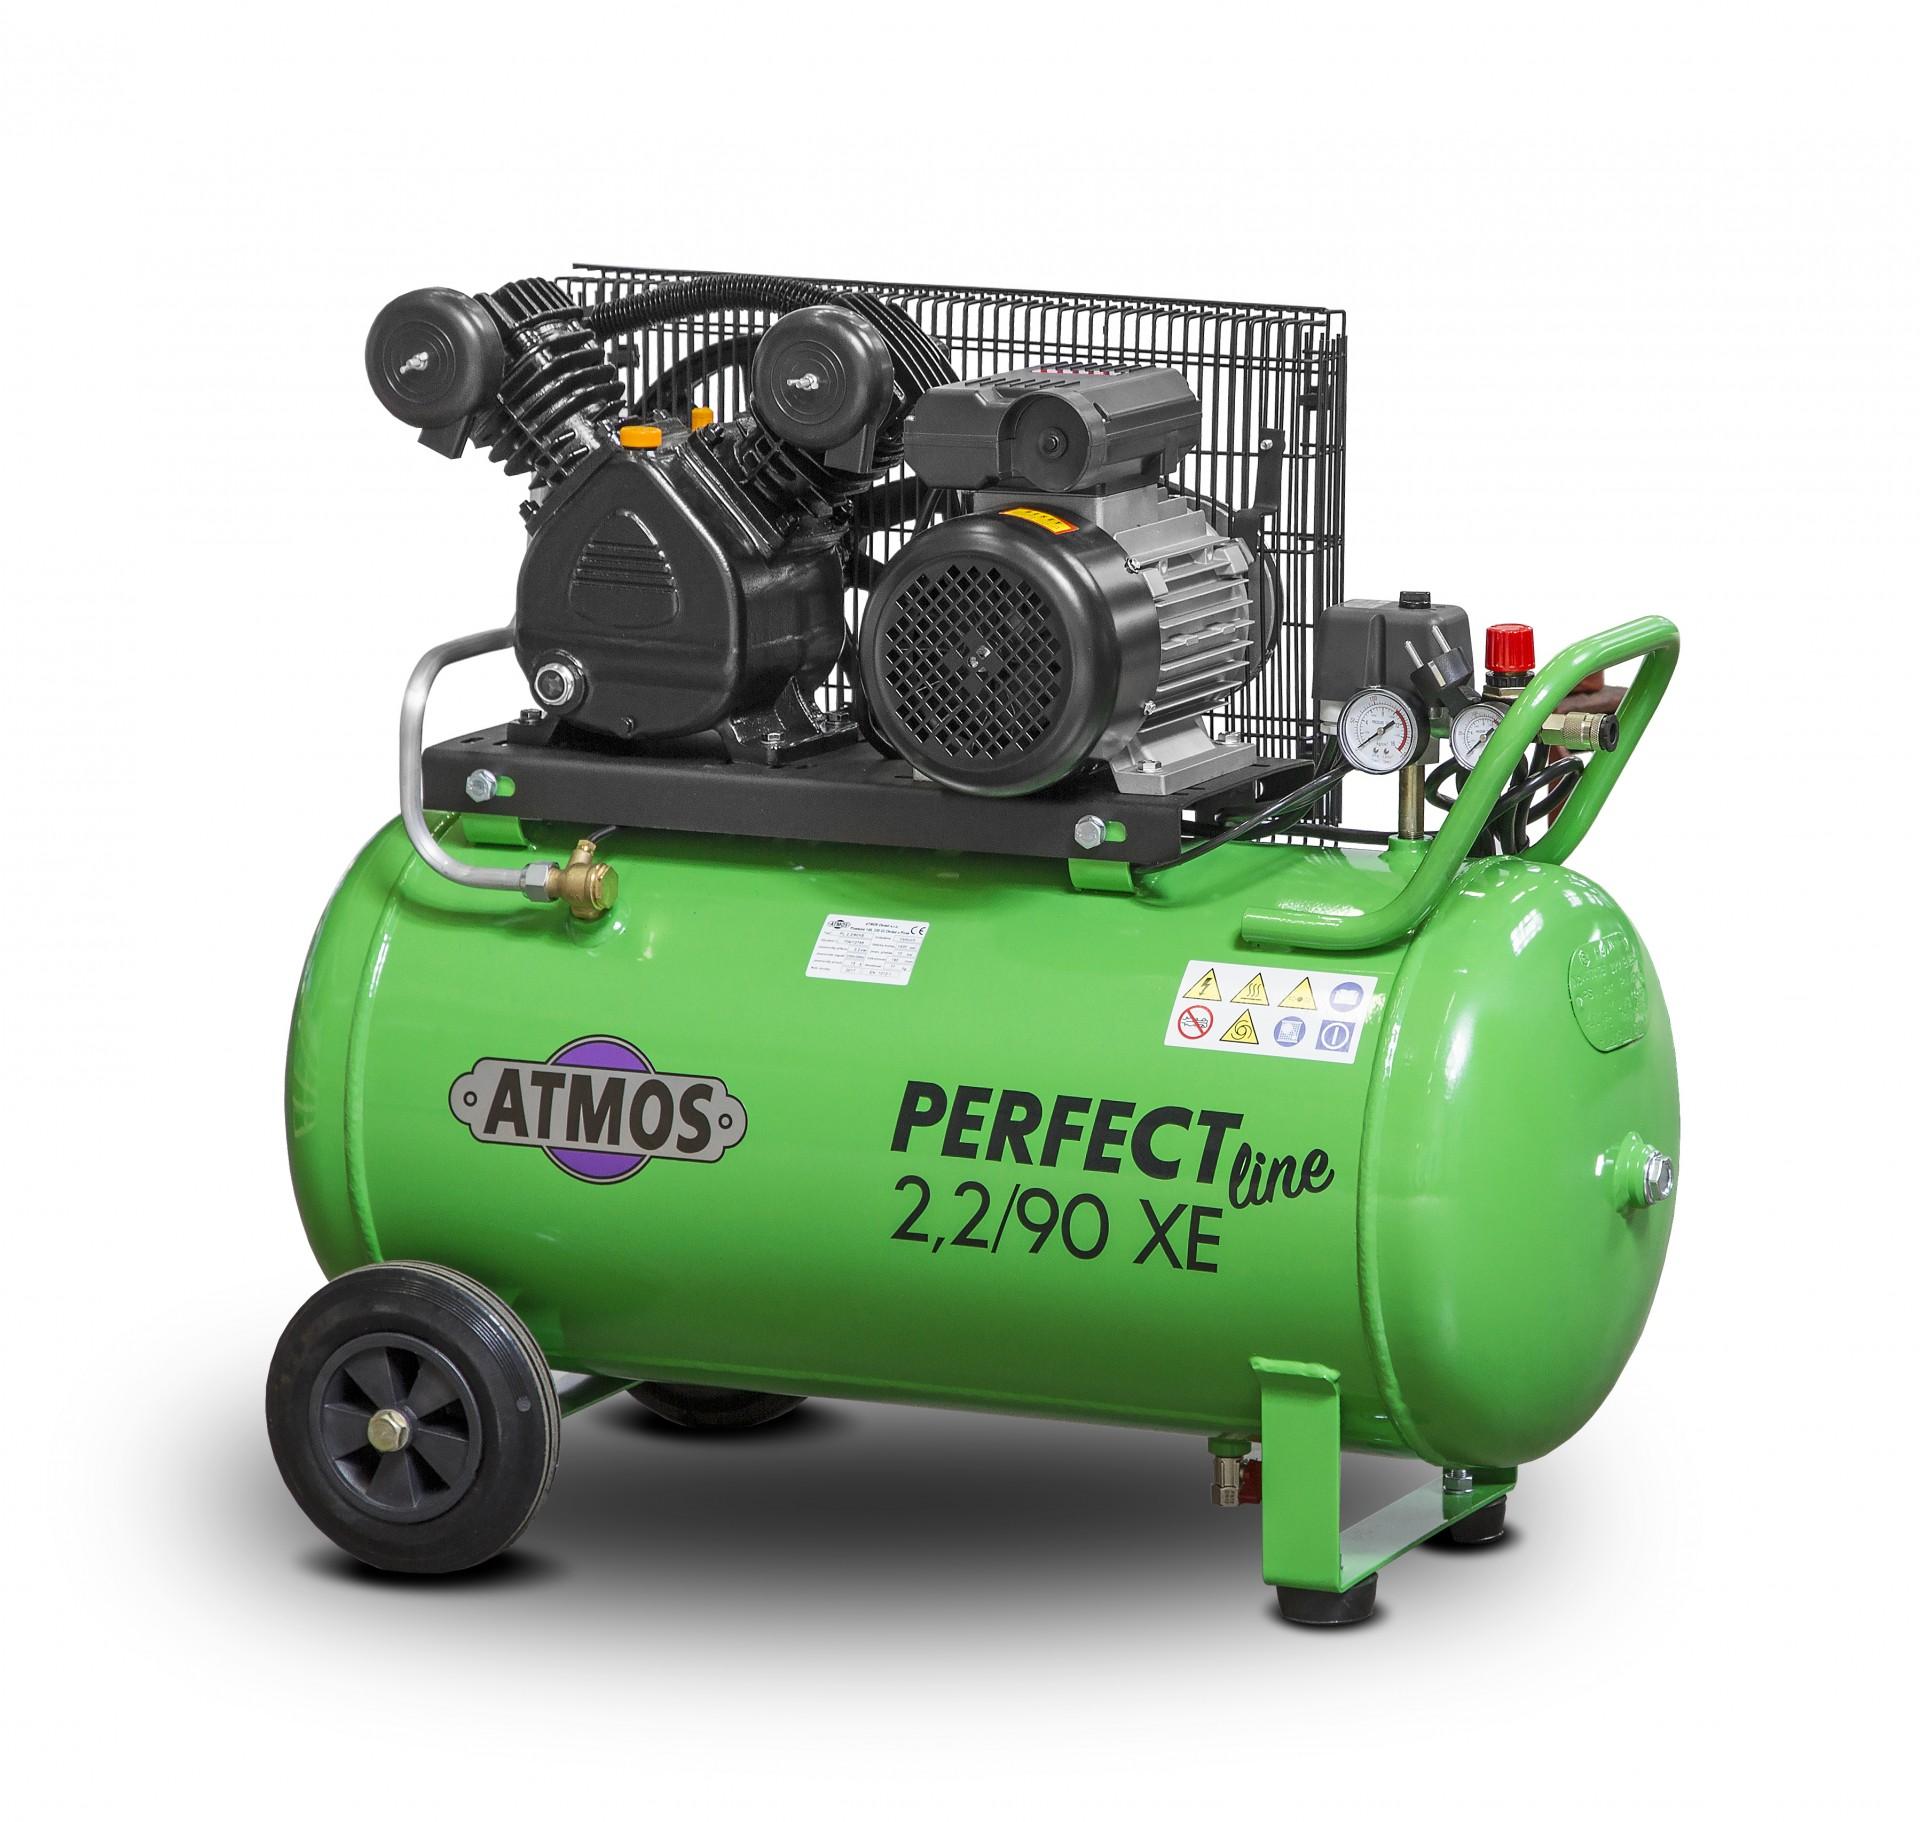 Atmos Pístový kompresor Perfect Line 2,2 kW - 90l XE